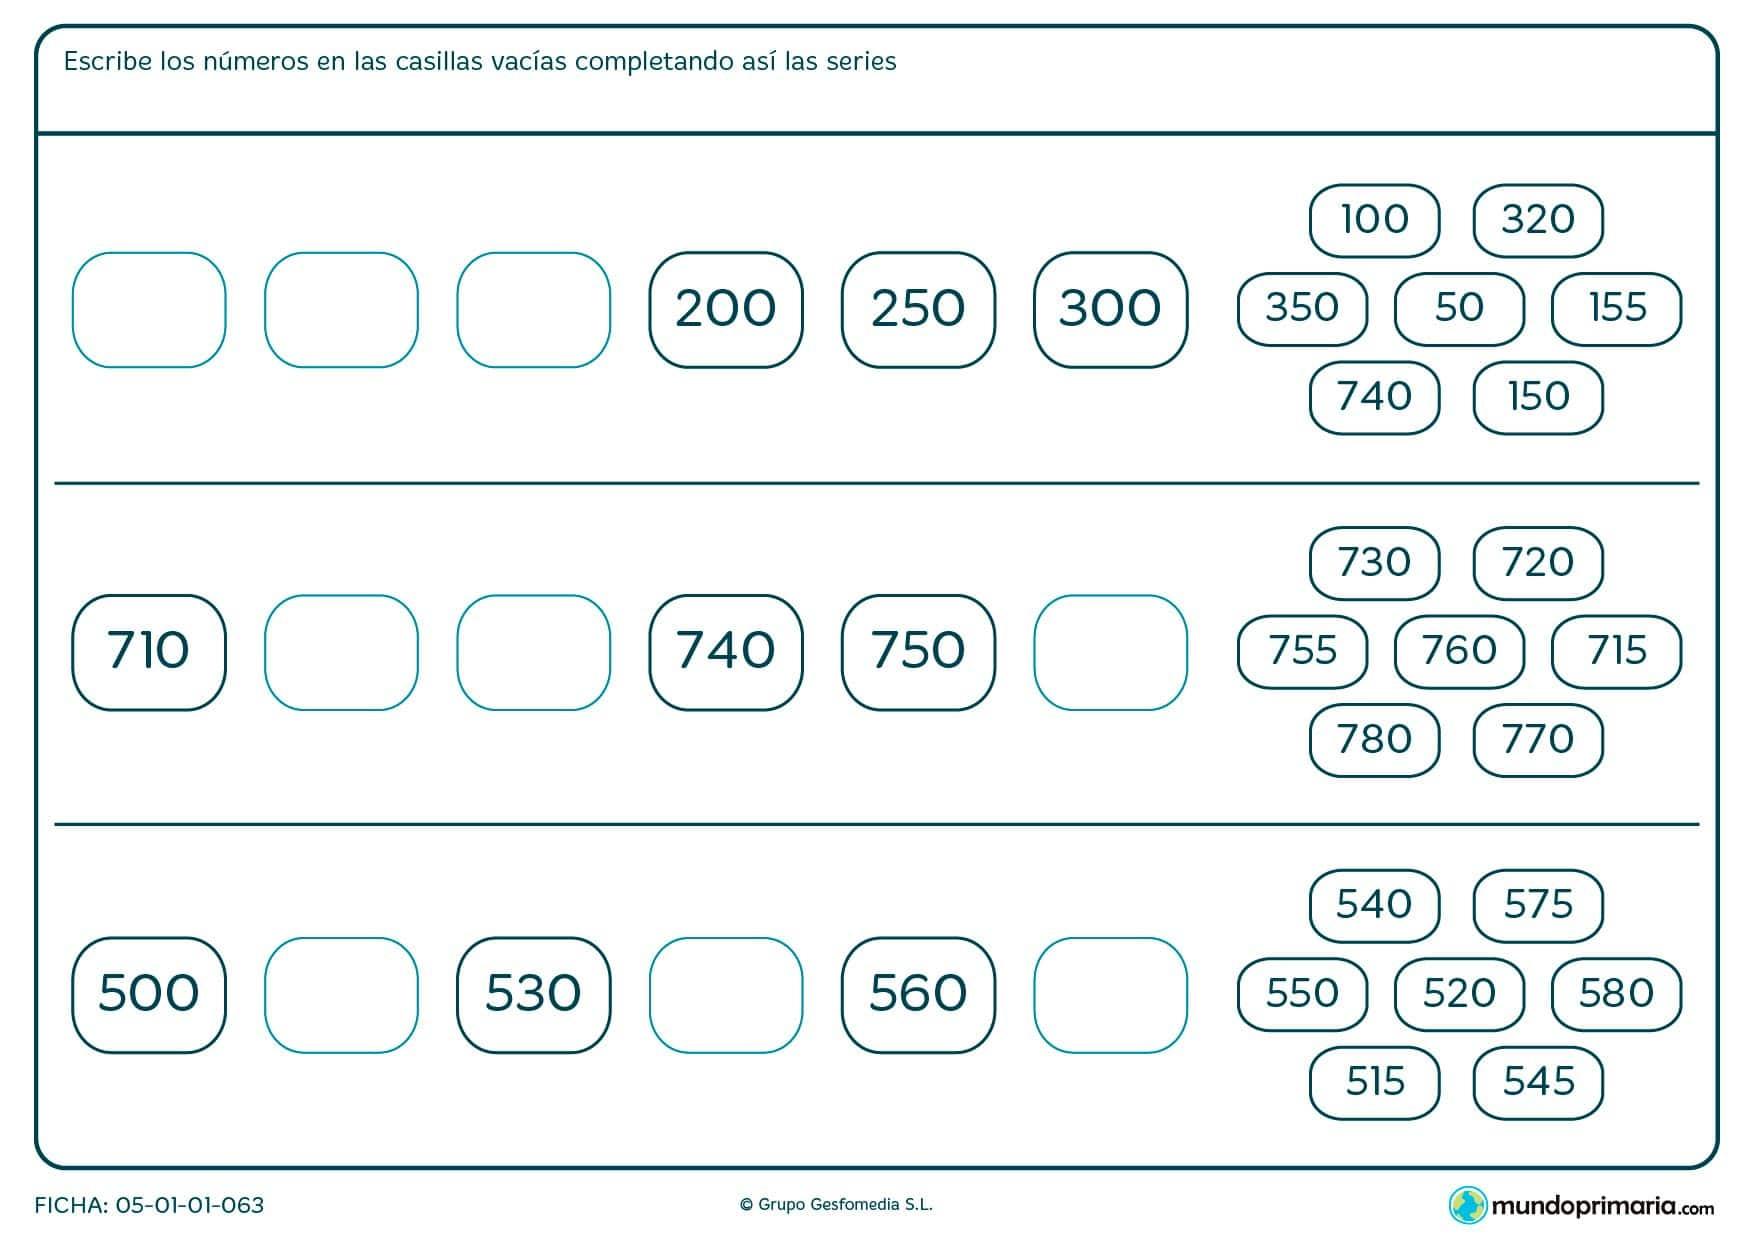 Escribe los números en los huecos para completar correctamente estas series.